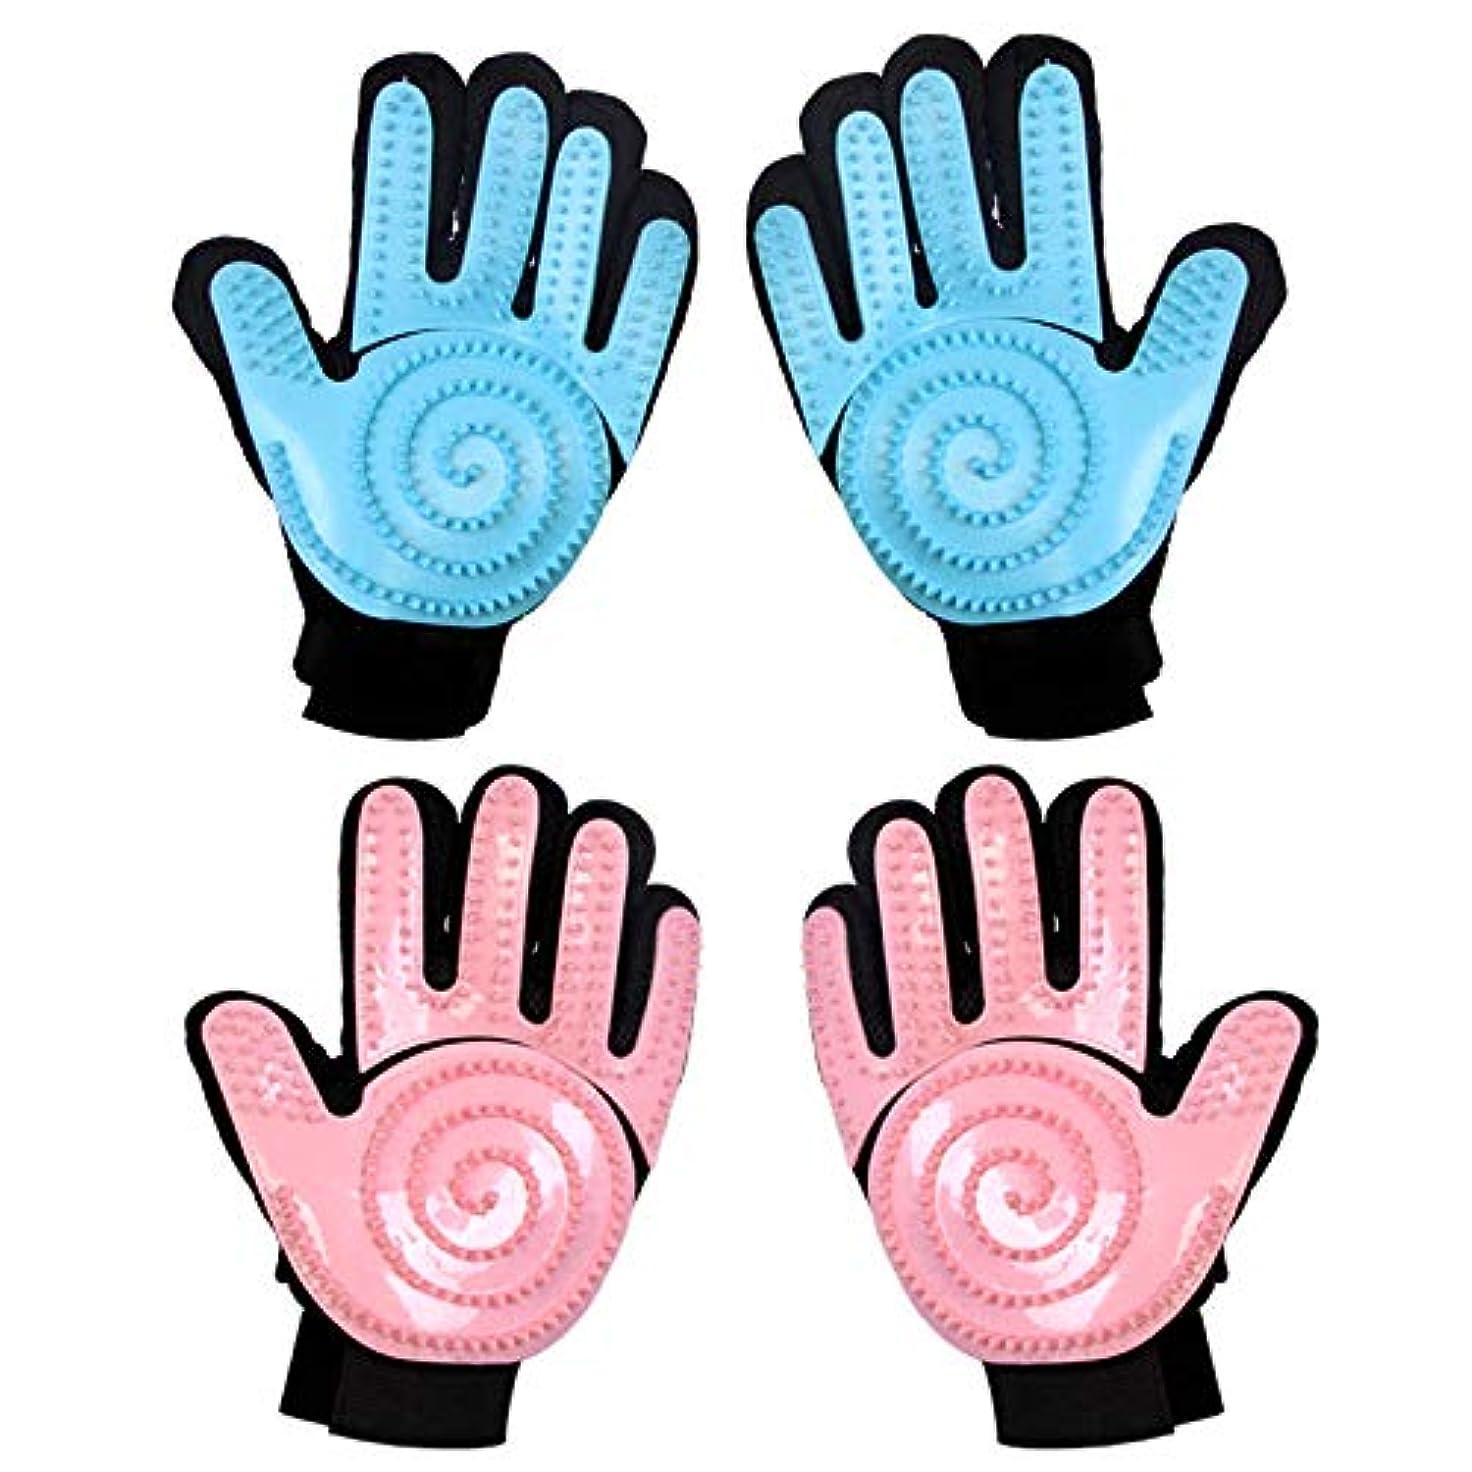 苦痛エキスパート温度計BTXXYJP 手袋 ペット ブラシ グローブ 猫 ブラシ クリーナー 抜け毛取り マッサージブラシ 犬 グローブ ペット毛取りブラシ お手入れ (Color : Pink, Style : Right hand)